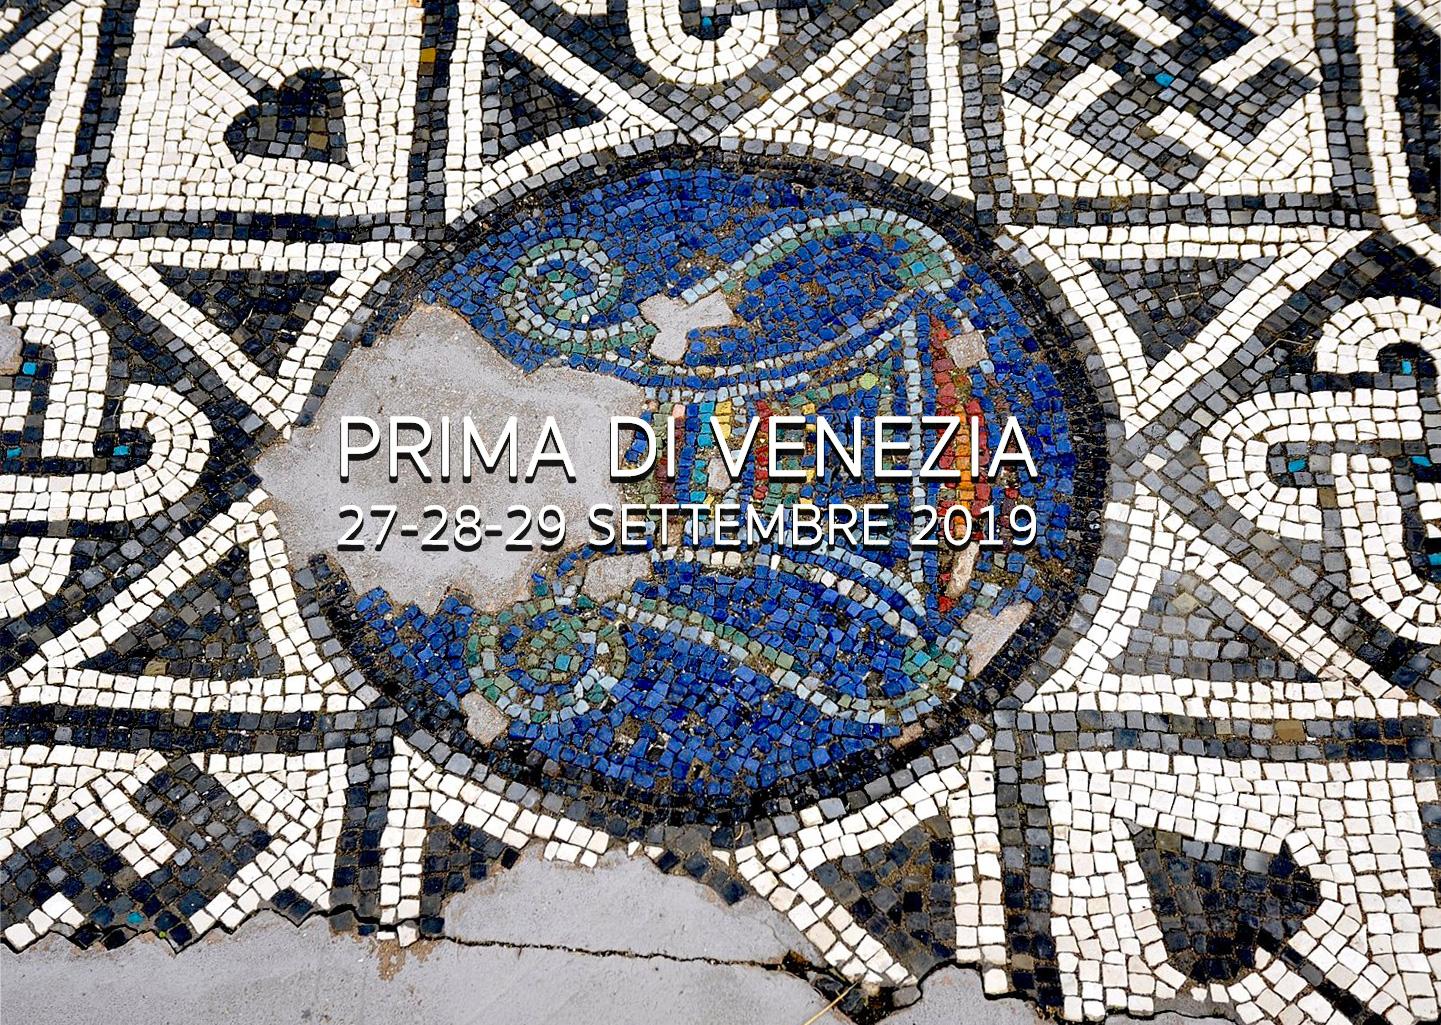 PRIMA-DI-VENEZIA-cover